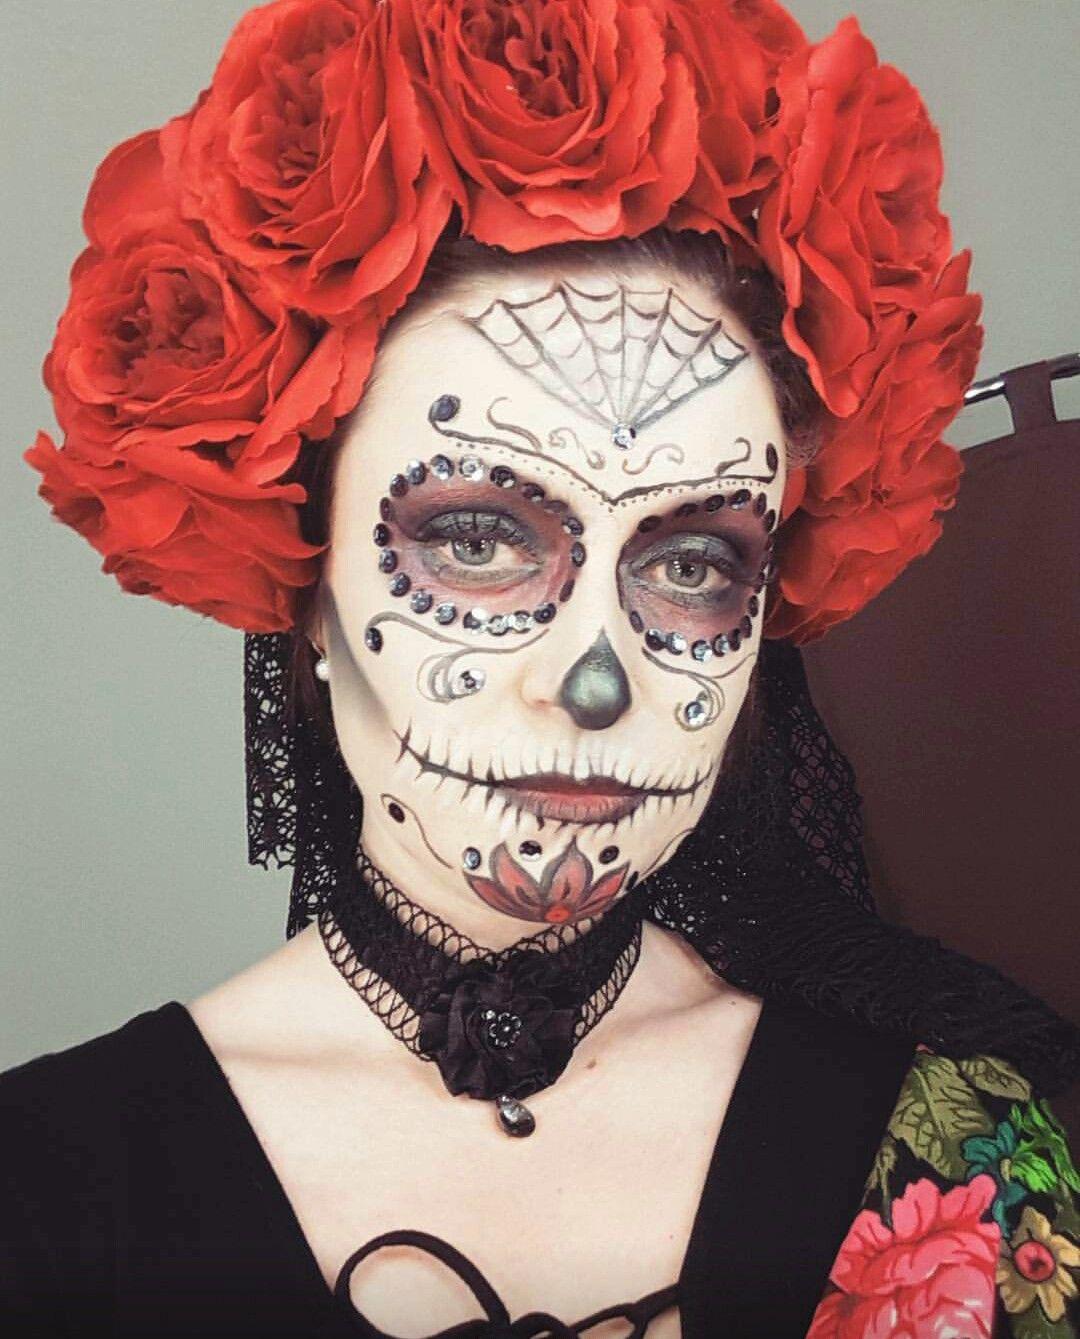 Прически на Хэллоуин: образ мексиканской невесты